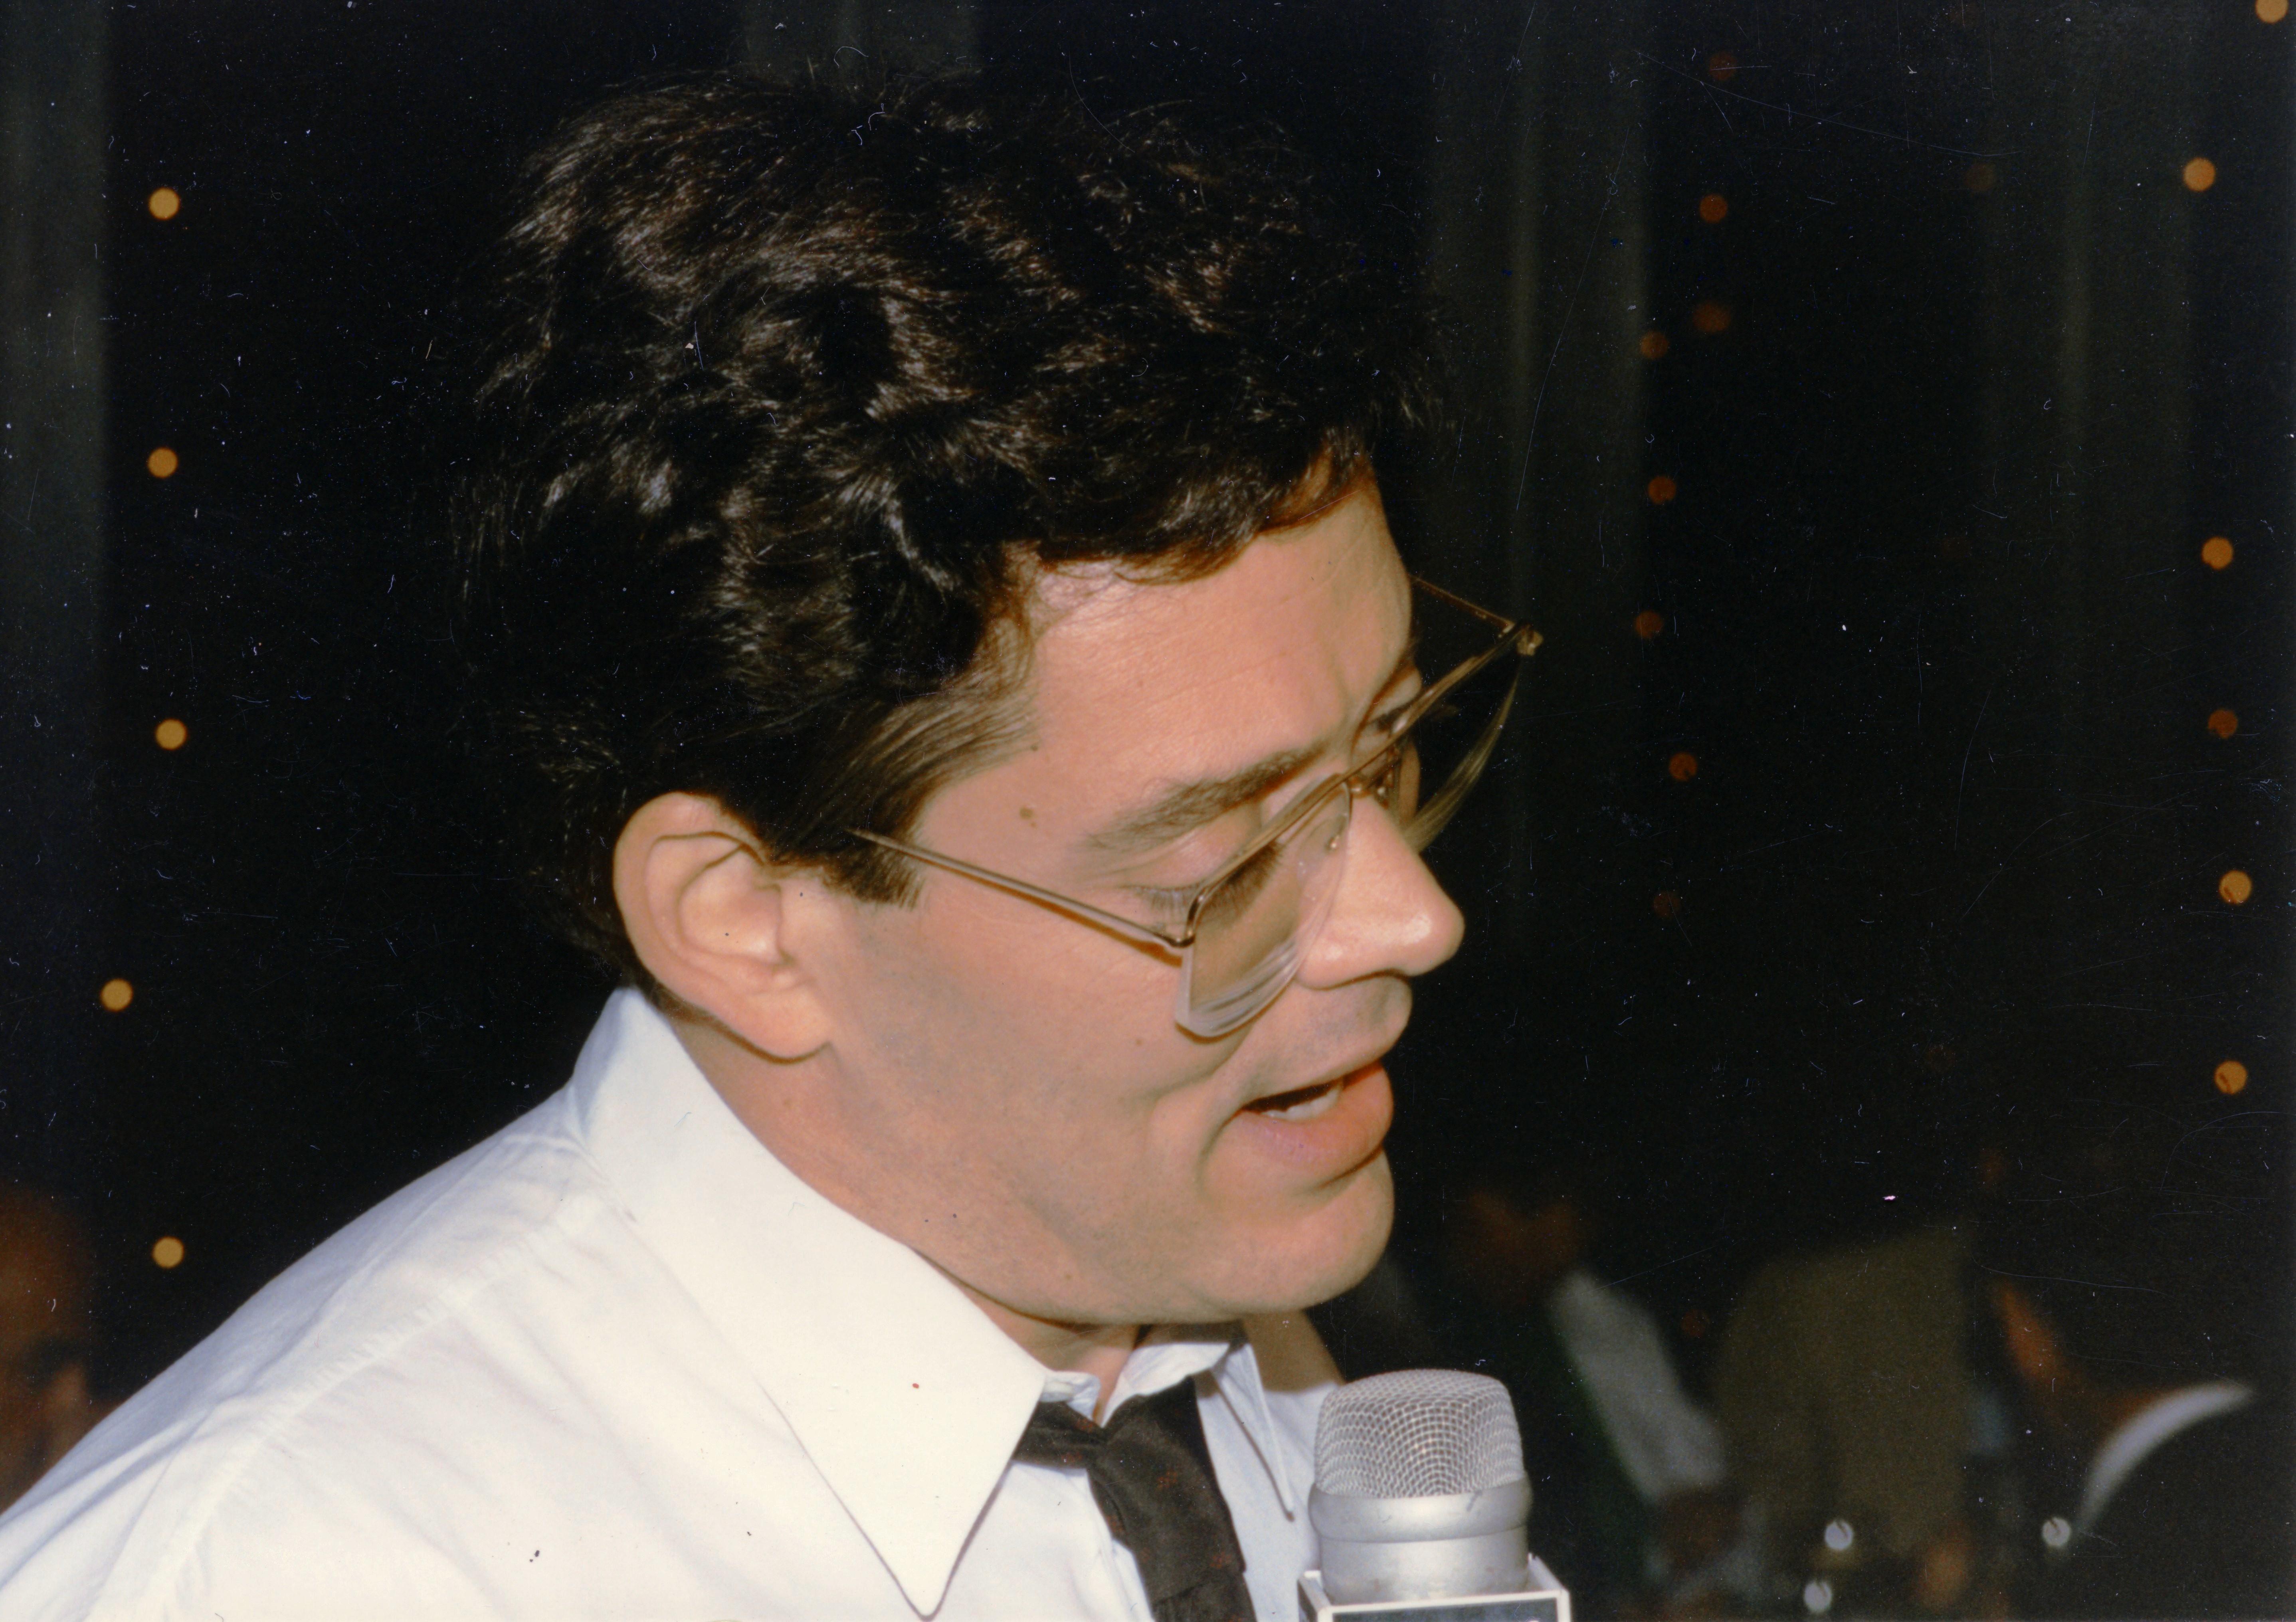 File:Raul Julia jpg - Wikimedia Commons